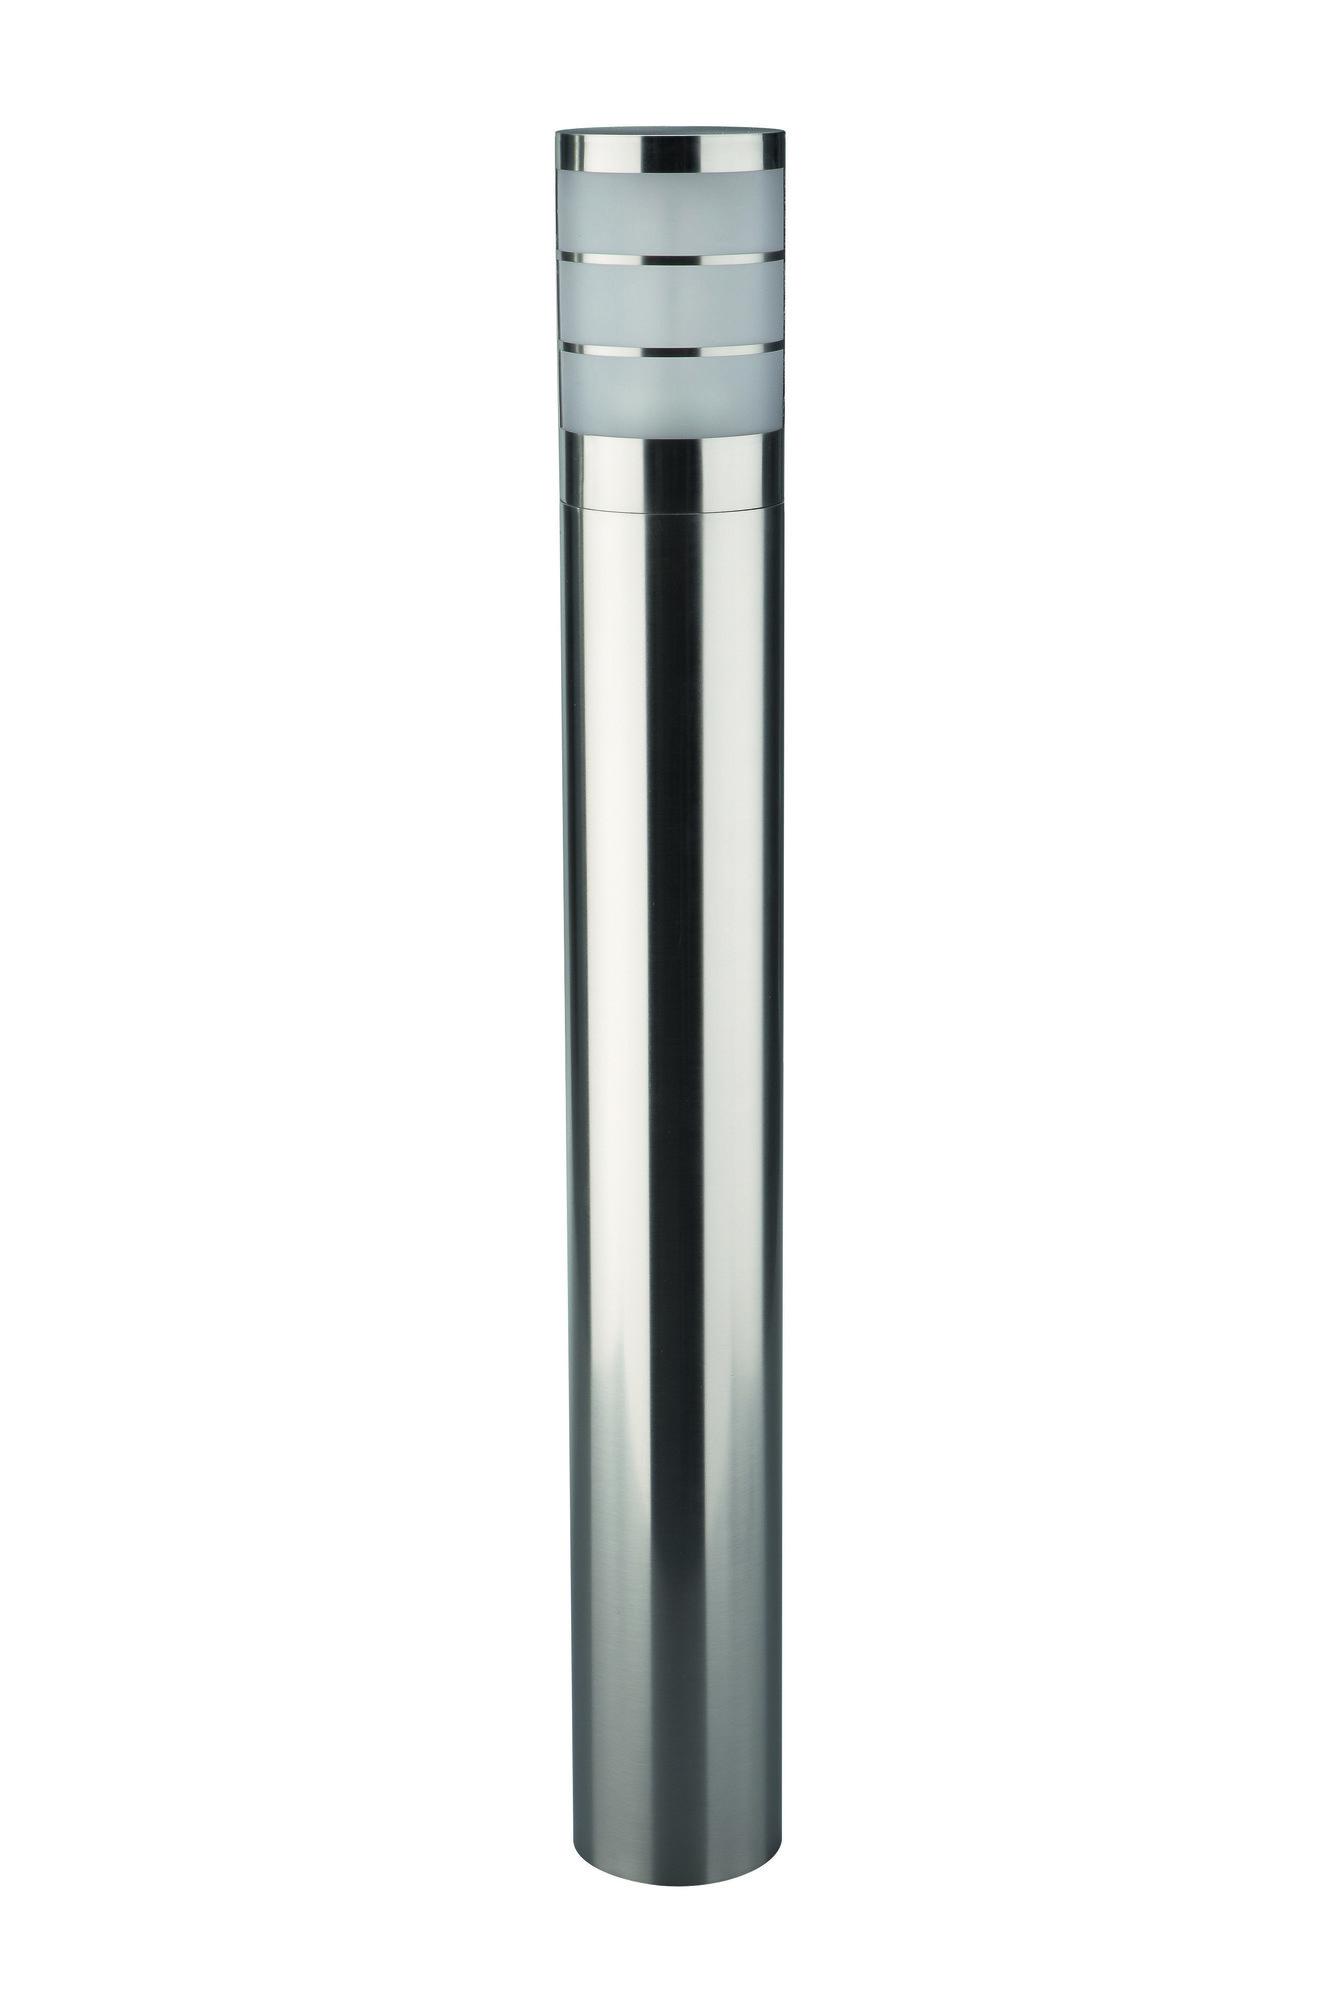 Philips CALGARY Tuinpaal E27 1x14W Lichtgrijs